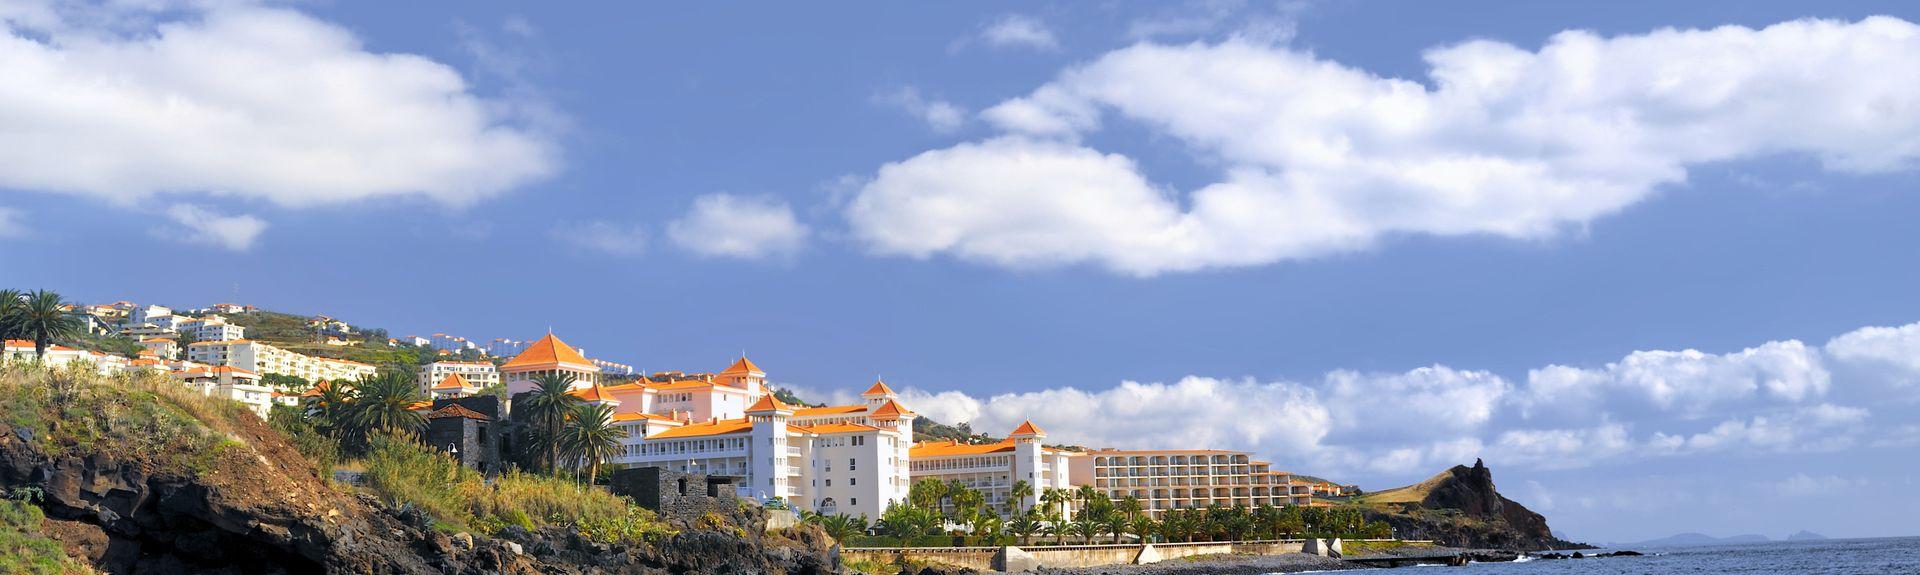 Caniço, Santa Cruz, Região Autónoma da Madeira, Portugal